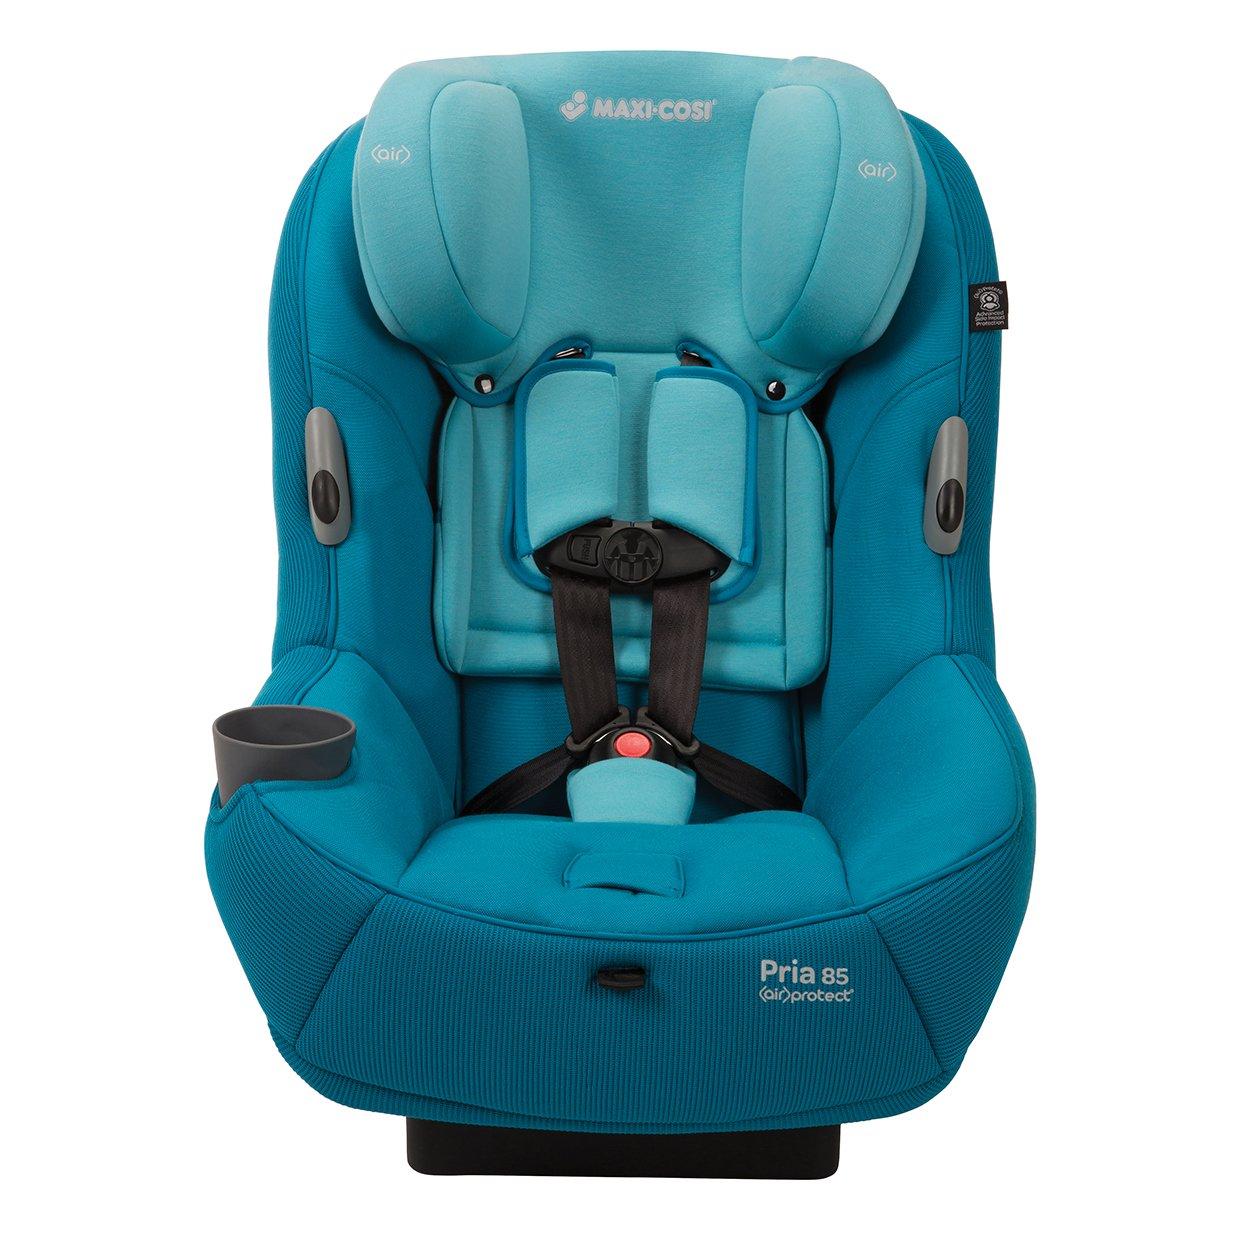 Amazon.com : Maxi-Cosi Pria 85 Convertible Car Seat, Mallorca Blue ...